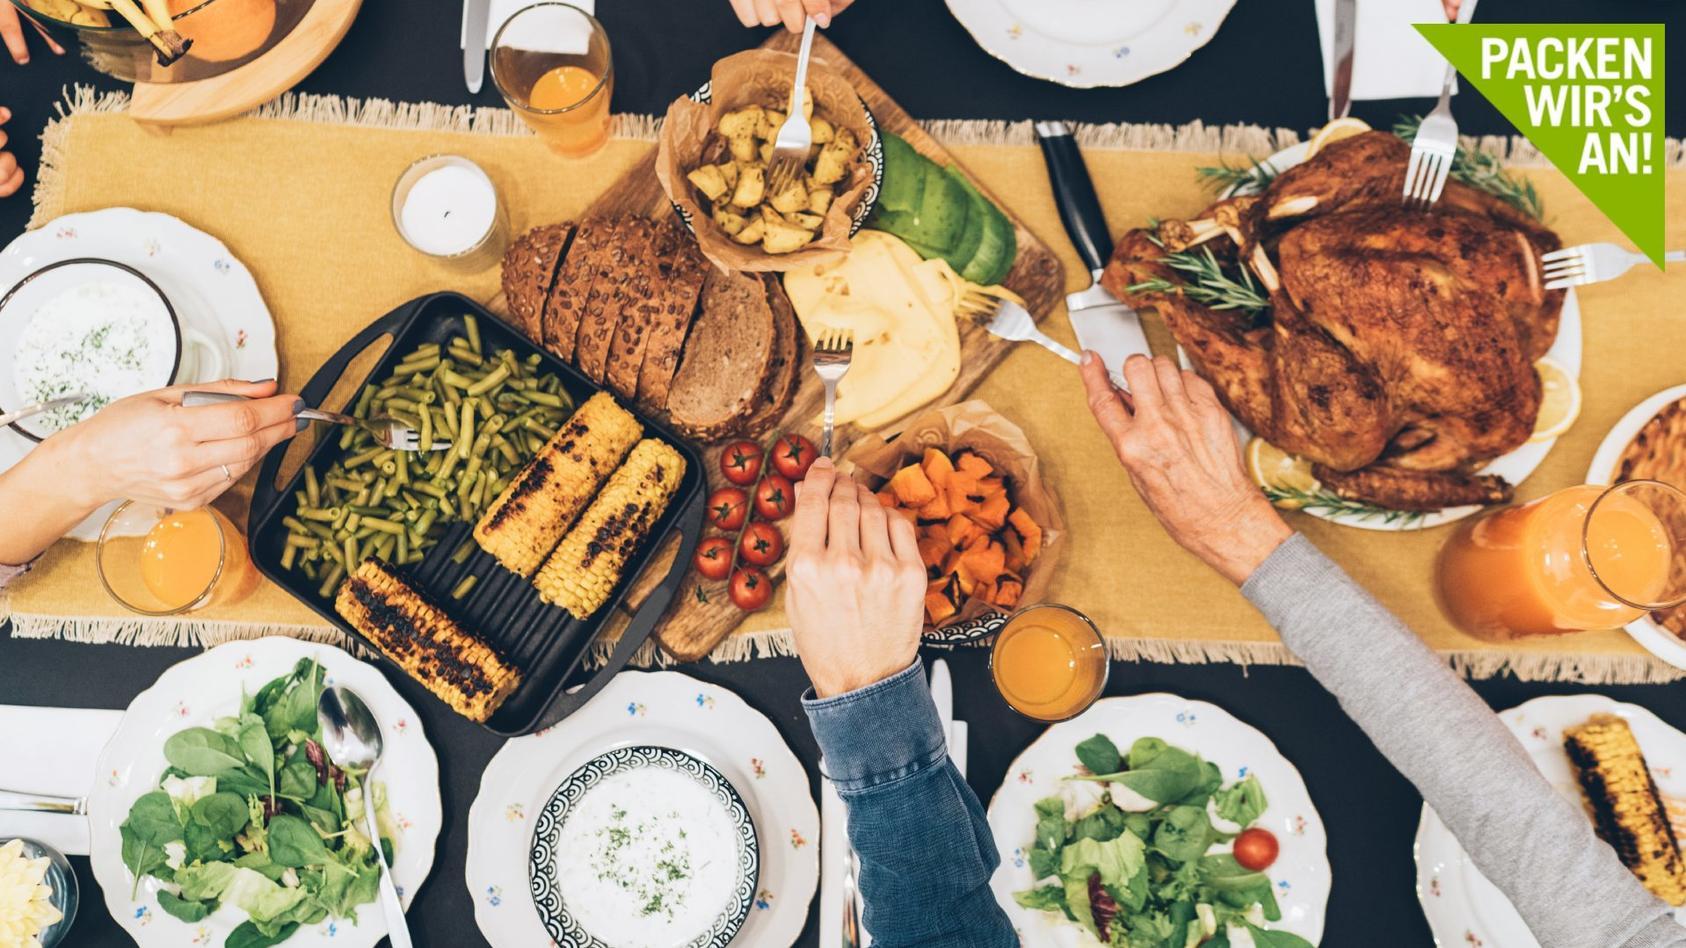 Gemüse statt Fleisch auf den Tisch - für unsere Erde und das Klima wäre das viel besser.